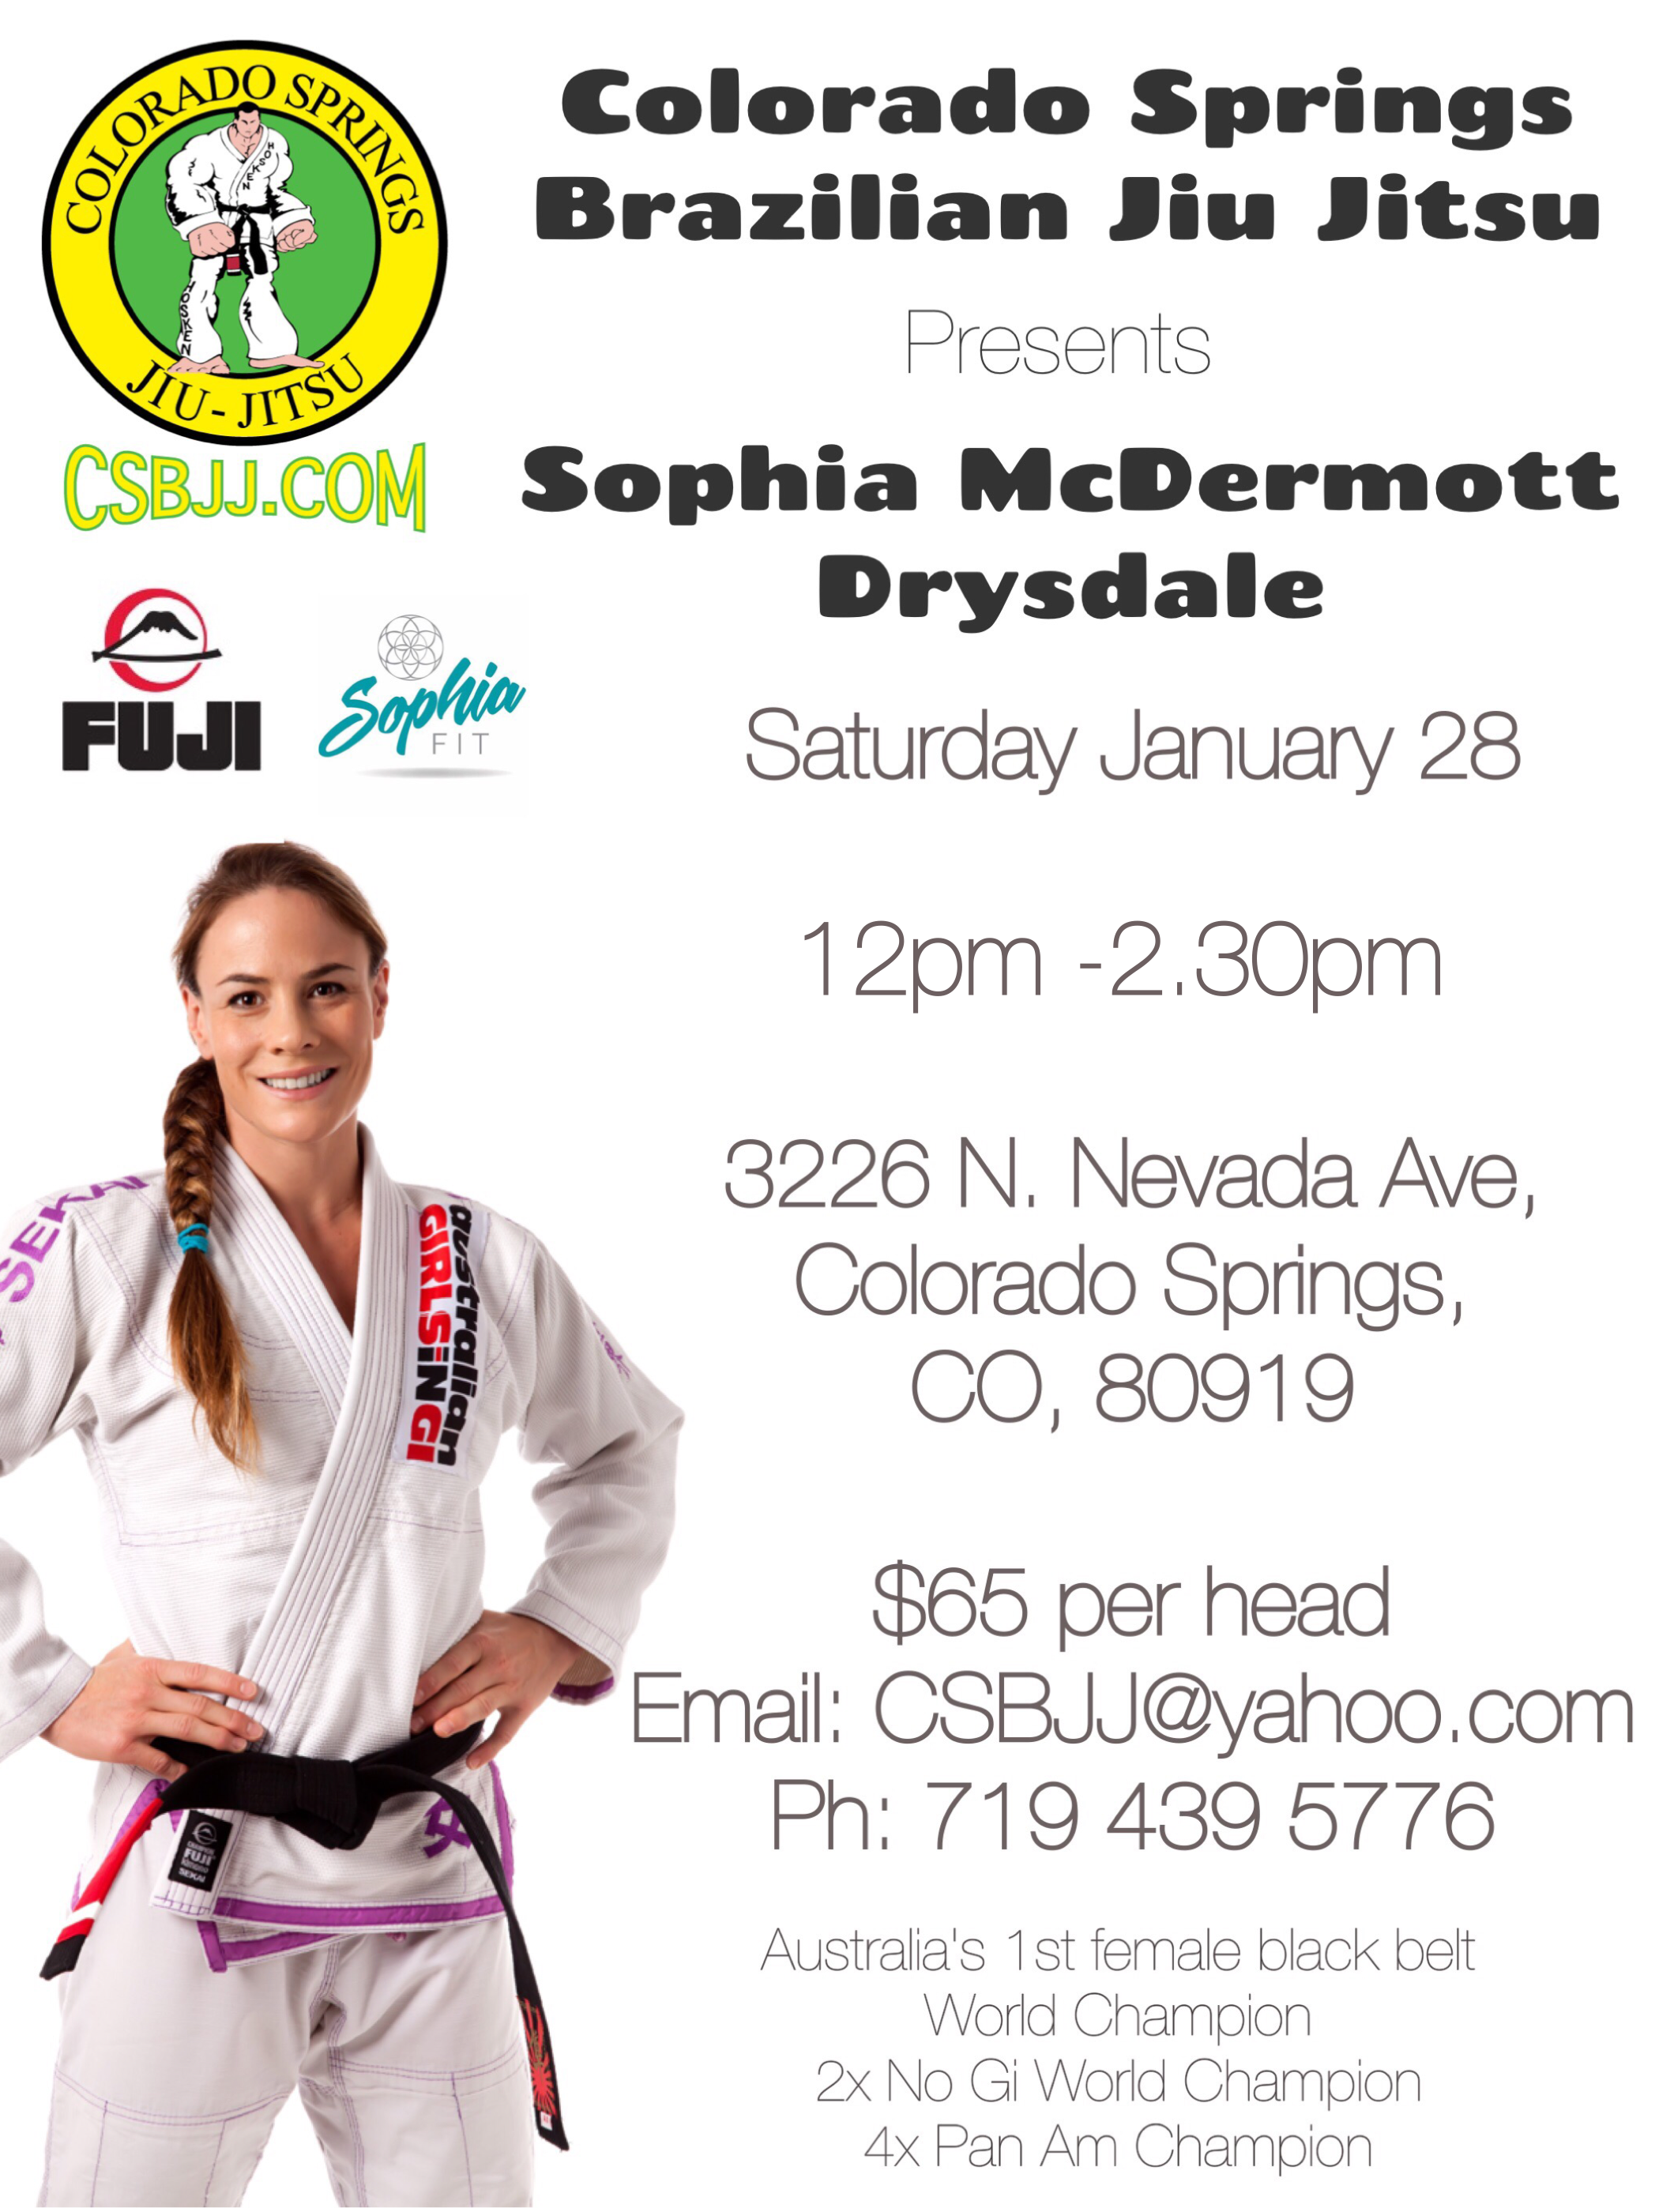 Sophia MCDermott Drysdale